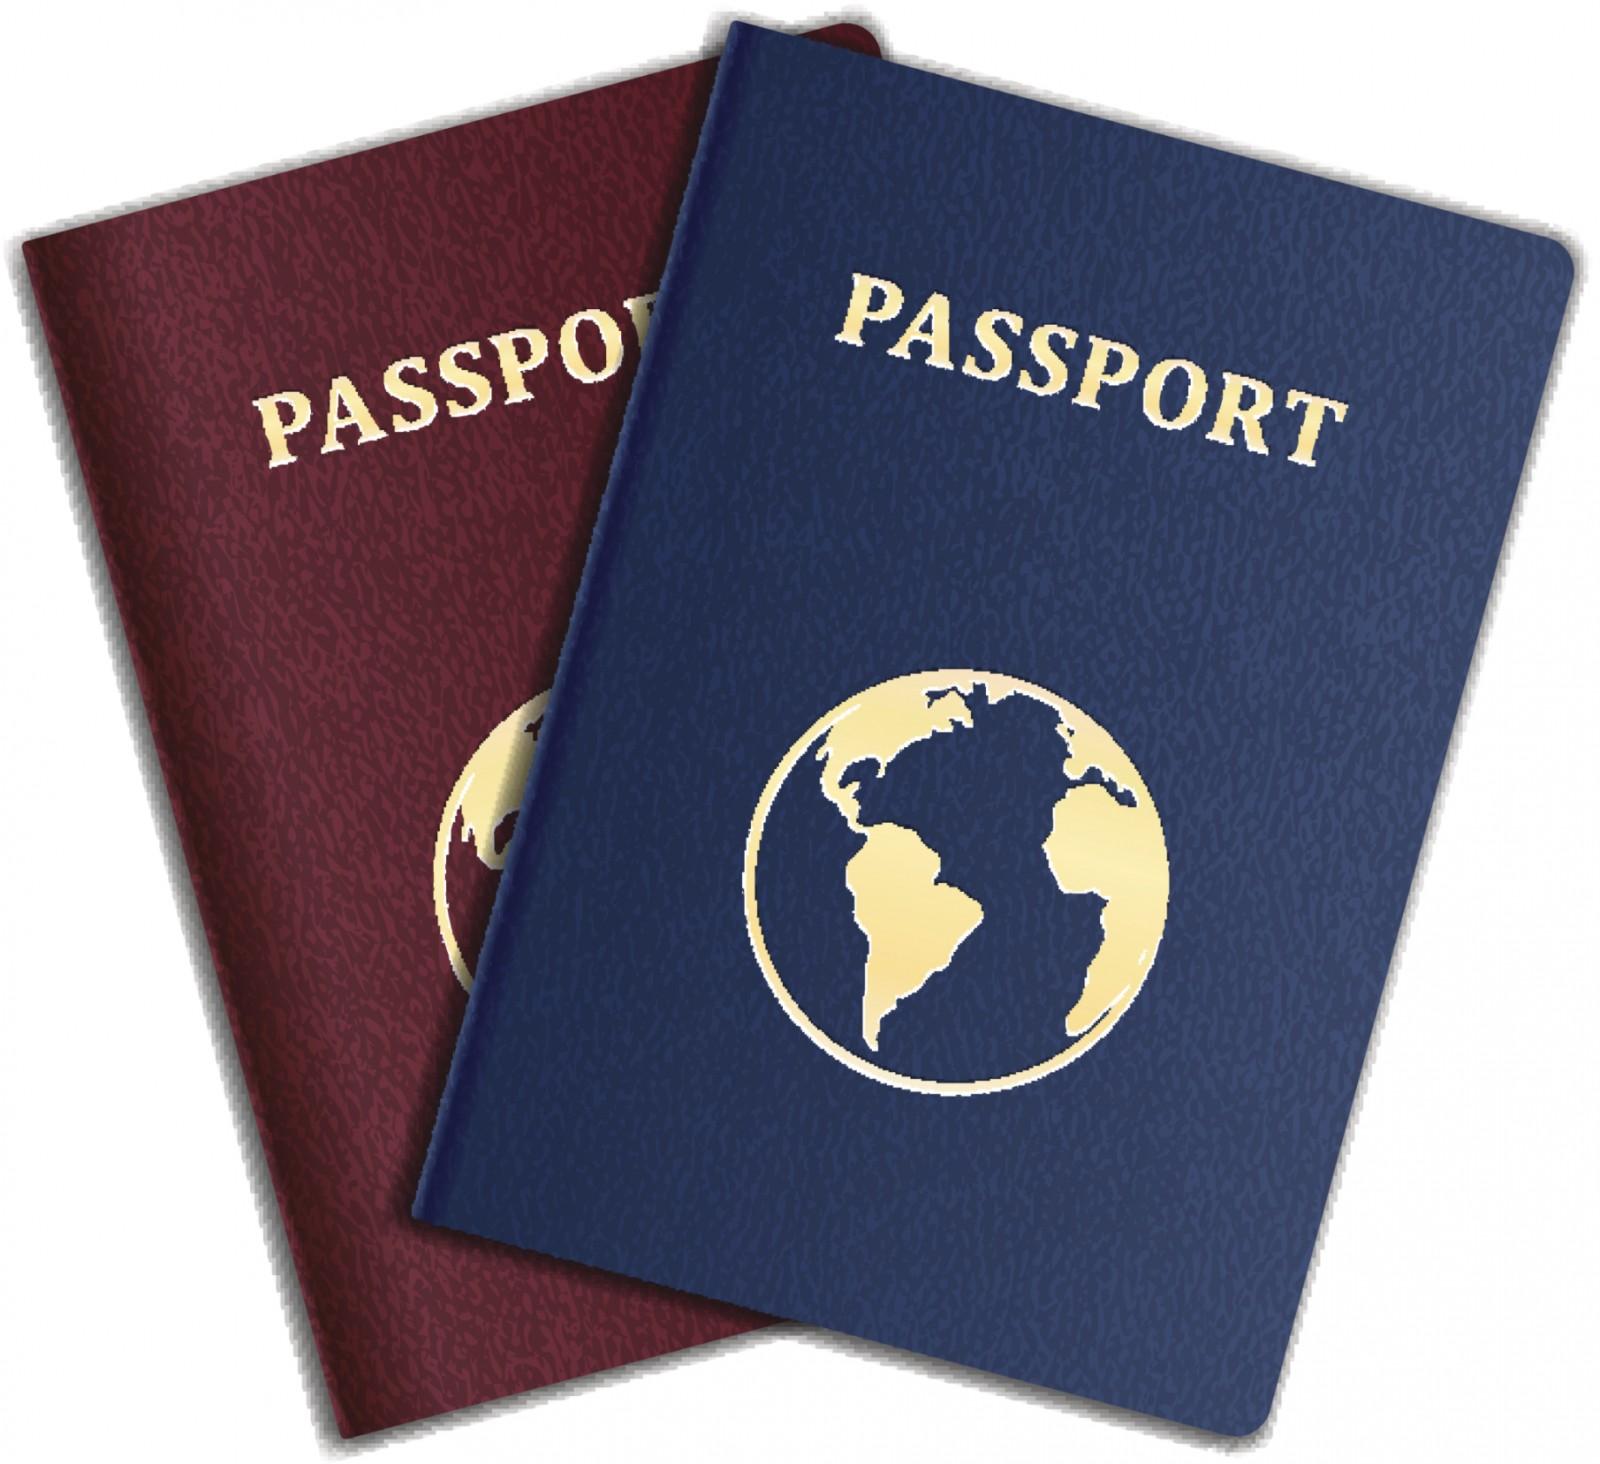 Buy an EU Passport